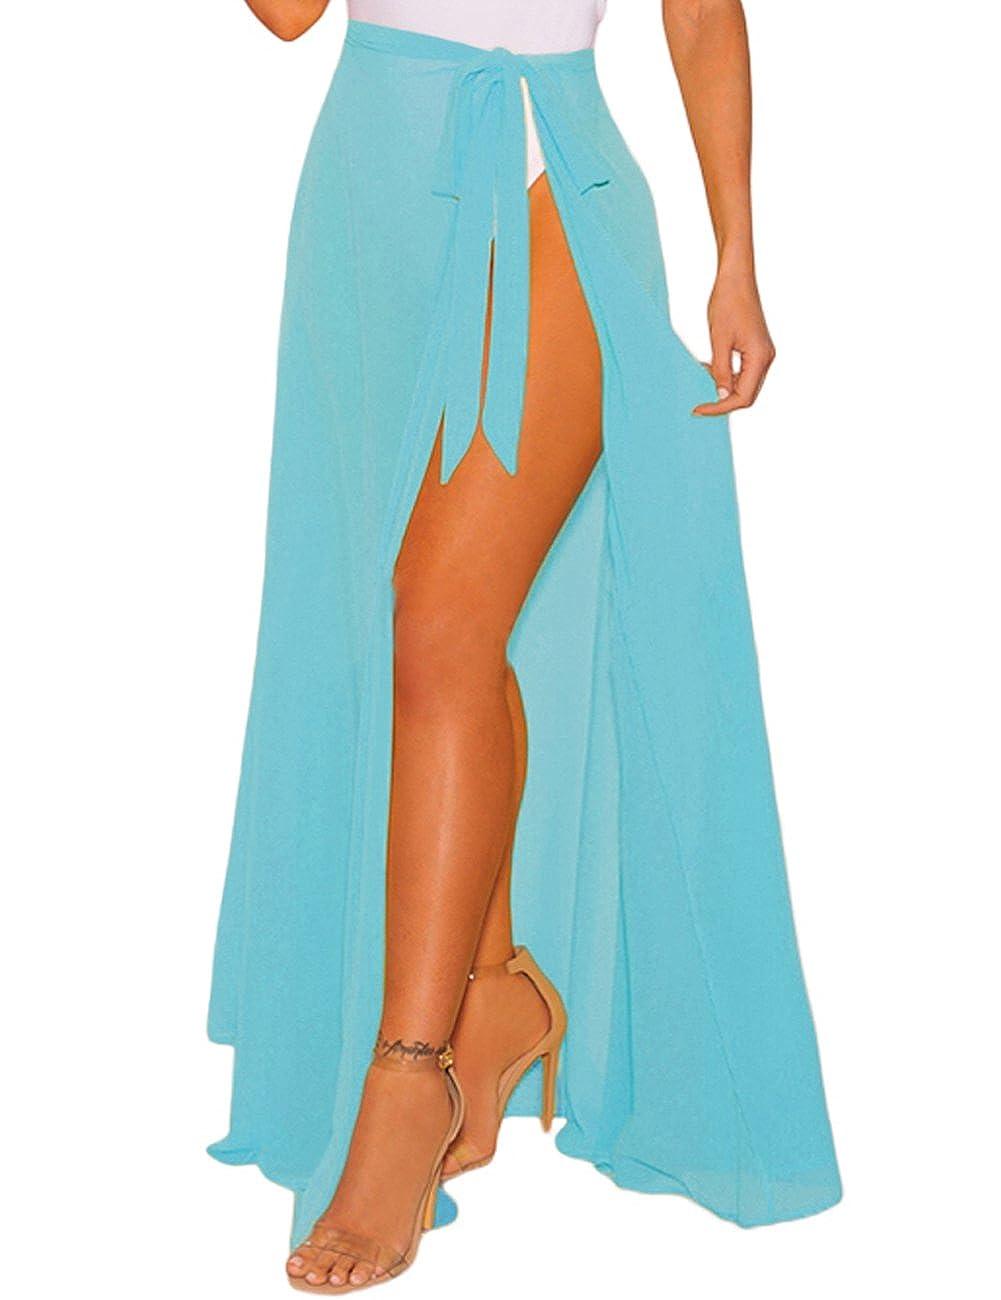 Alinemyer Beach Maxi Skirt High Slit Sheer Wrap Skirt Cover up